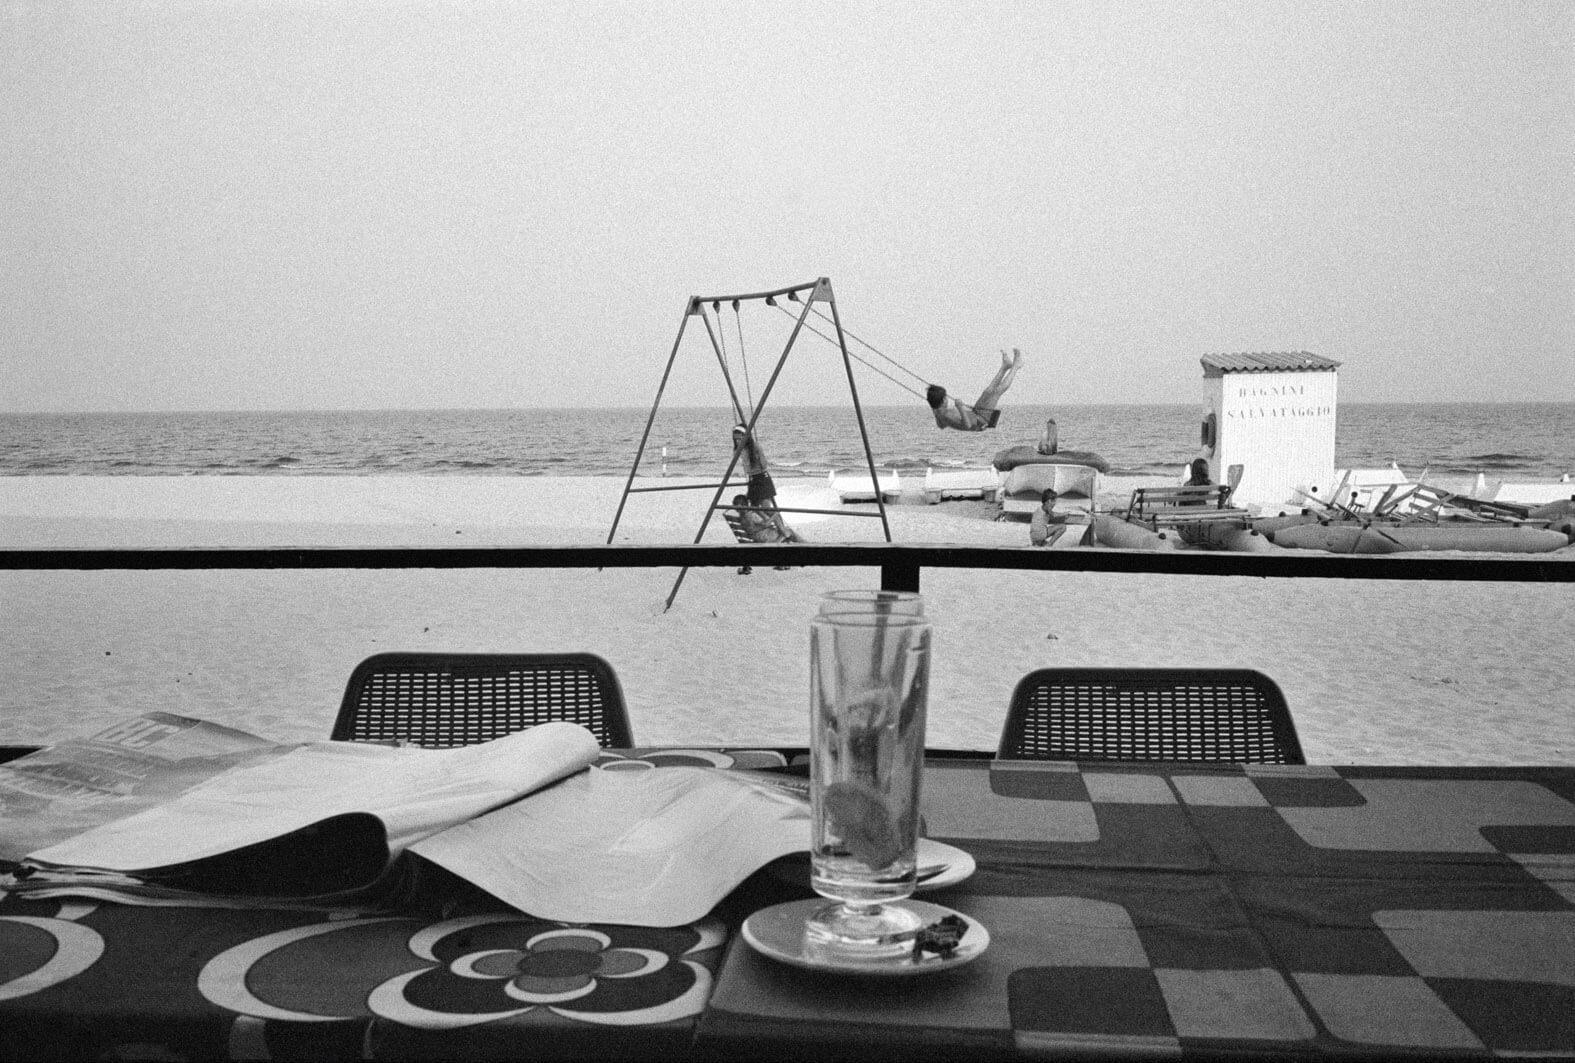 Calabria, 1973 © Ferdinando Scianna_MagnumPhotos_Contrasto